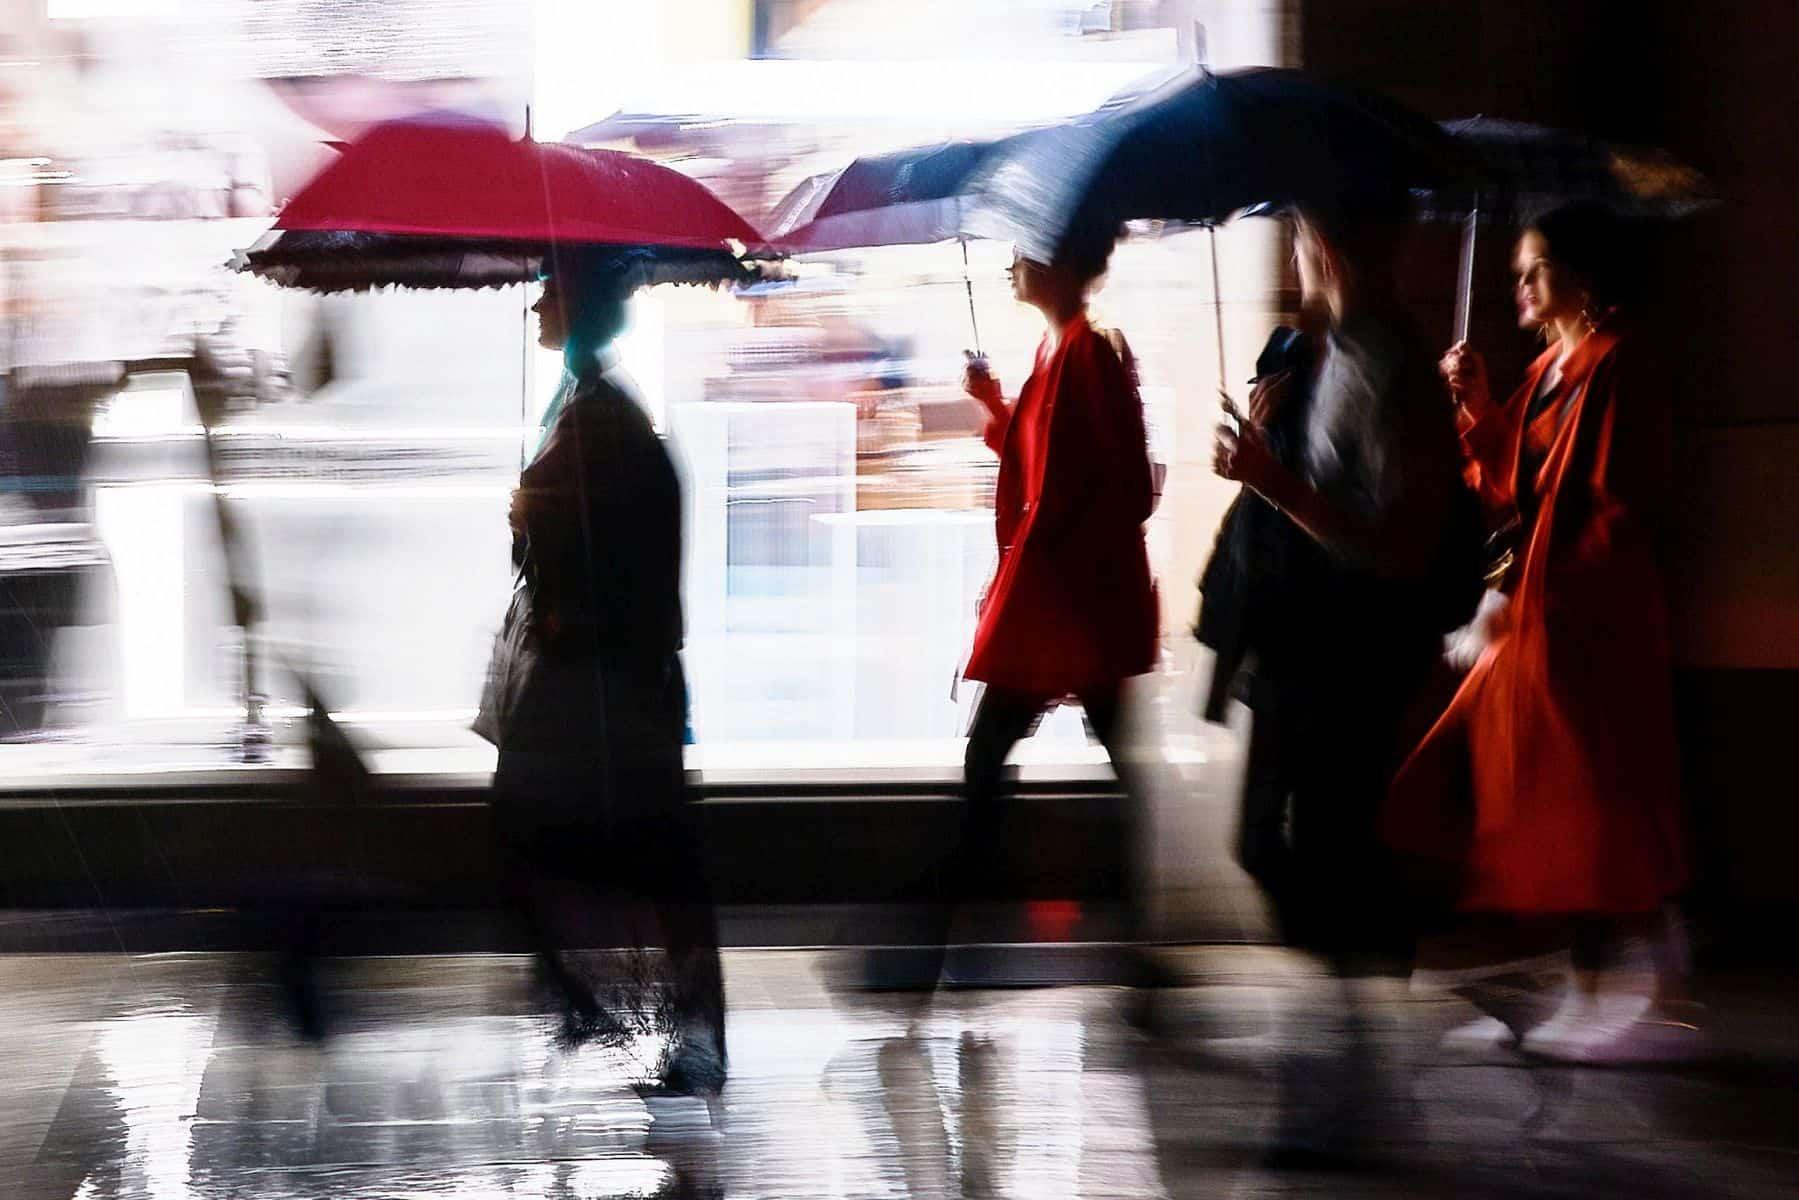 BdW 01: Regenschirme auf der Kö (Fashion Night)